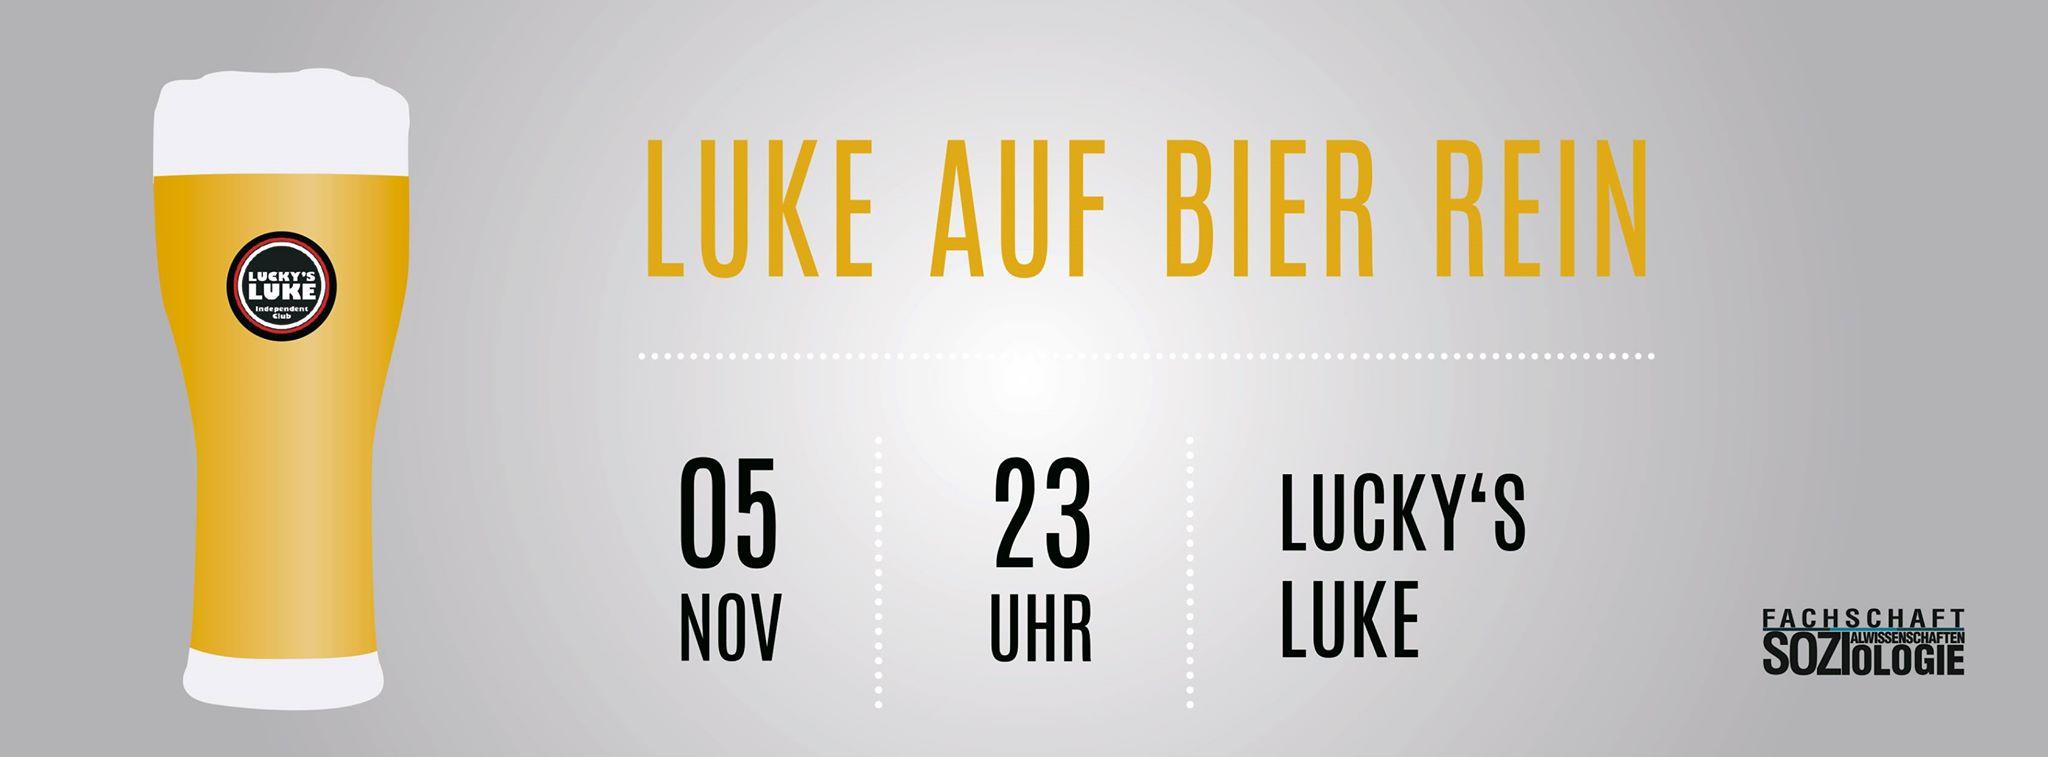 Luke auf Bier rein